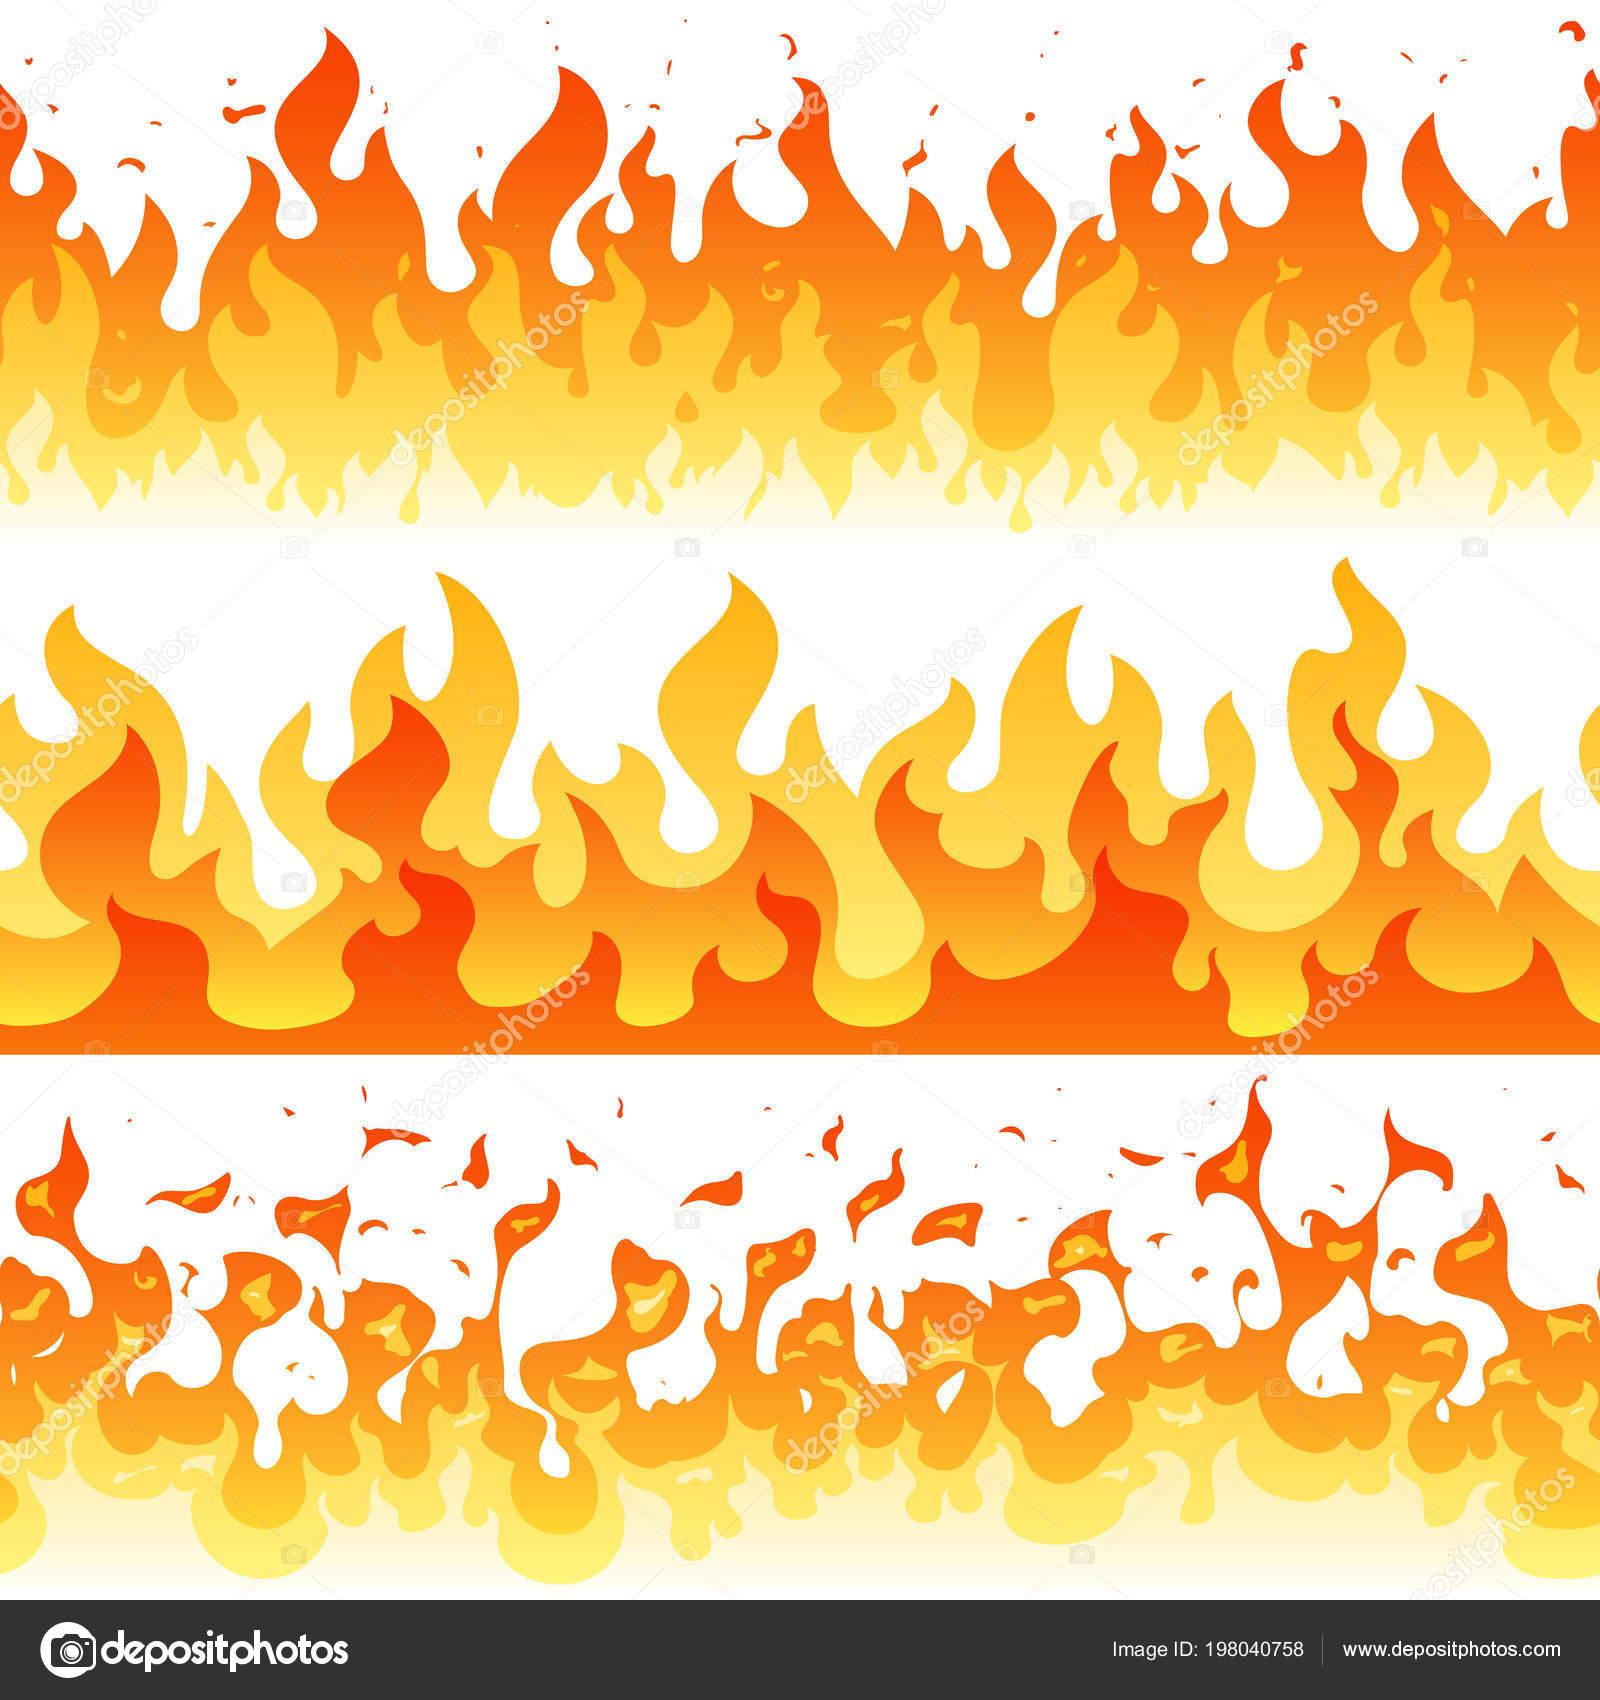 Dibujos animados fuego llama vector marco fronteras — Vector de ...